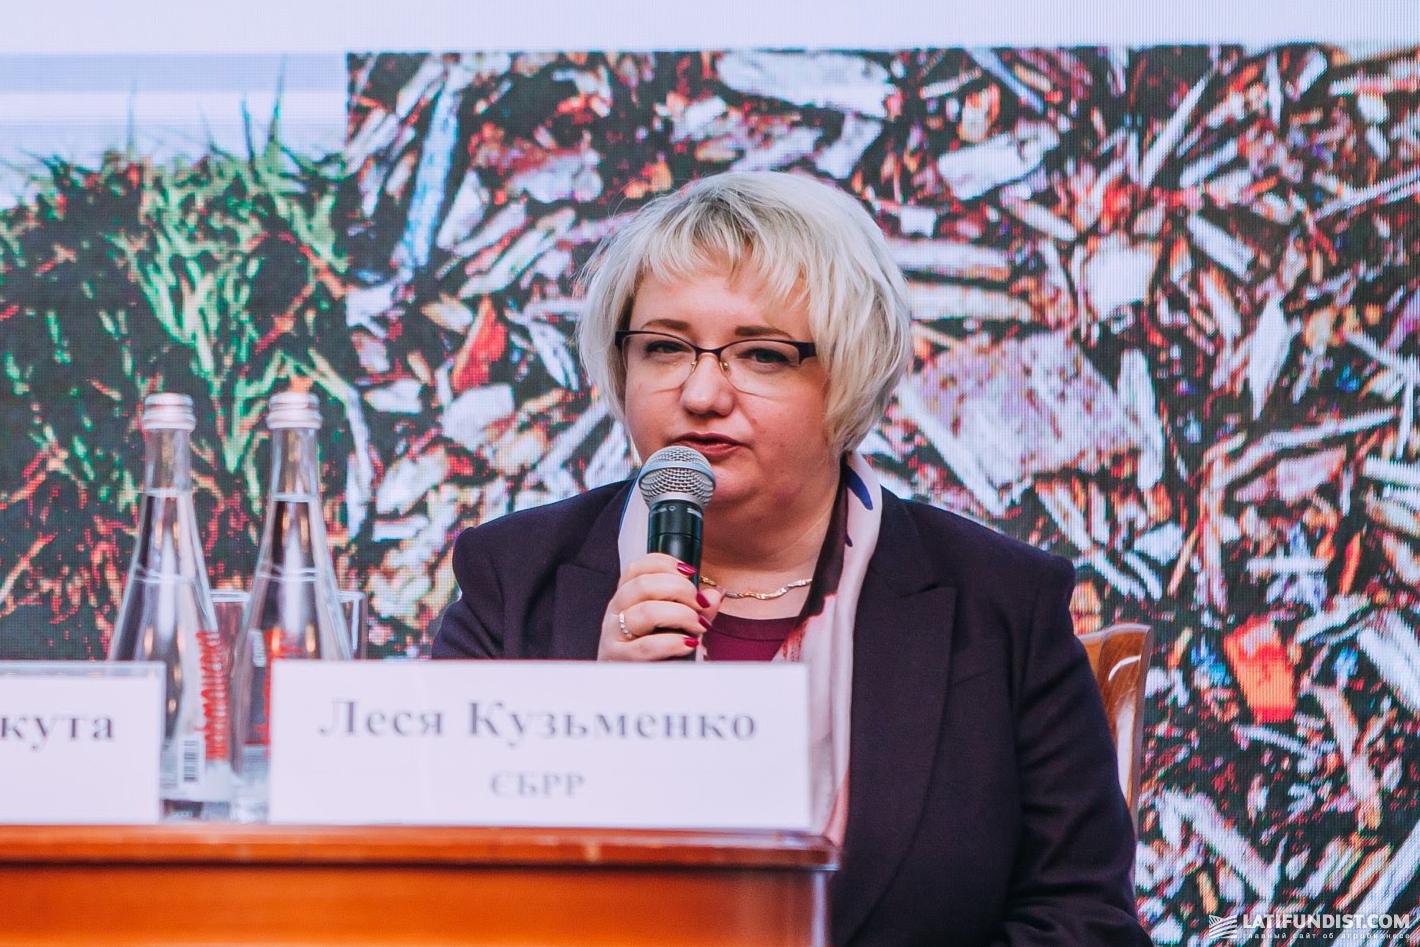 Леся Кузьменко, ассоциированный директор, заместитель главы ЕБРР в Украине